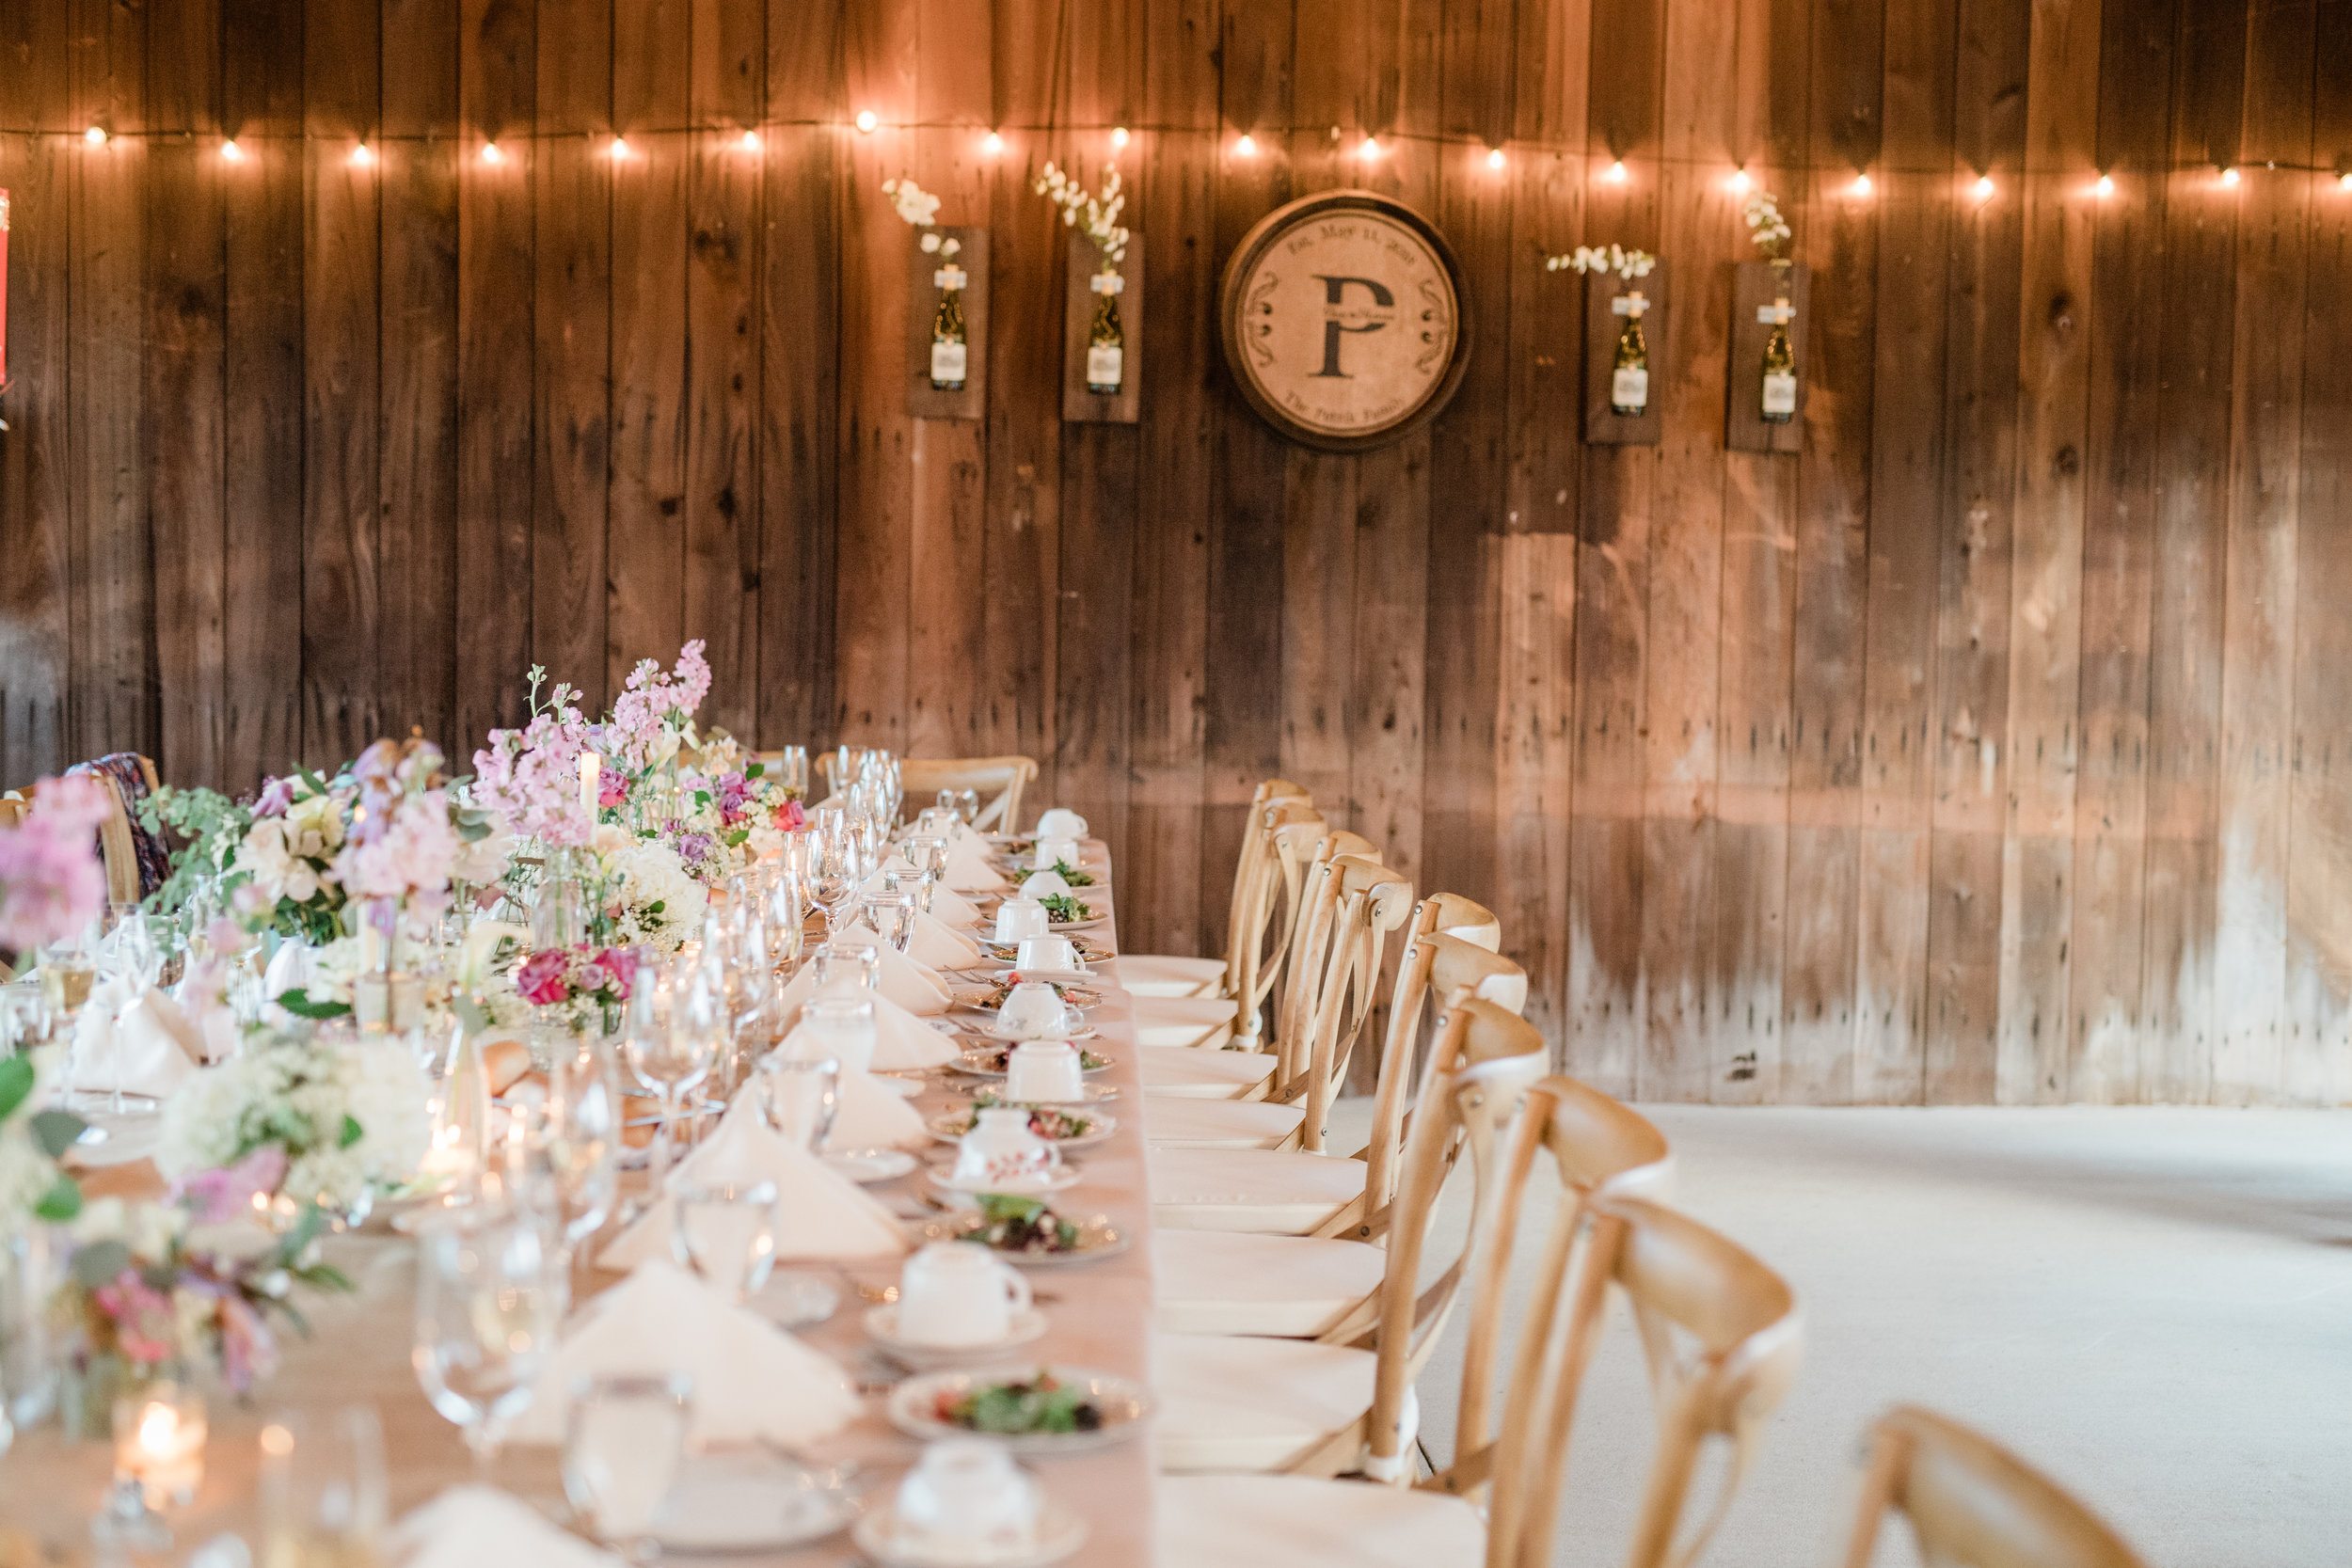 chateau-wedding-maryland-70.jpg